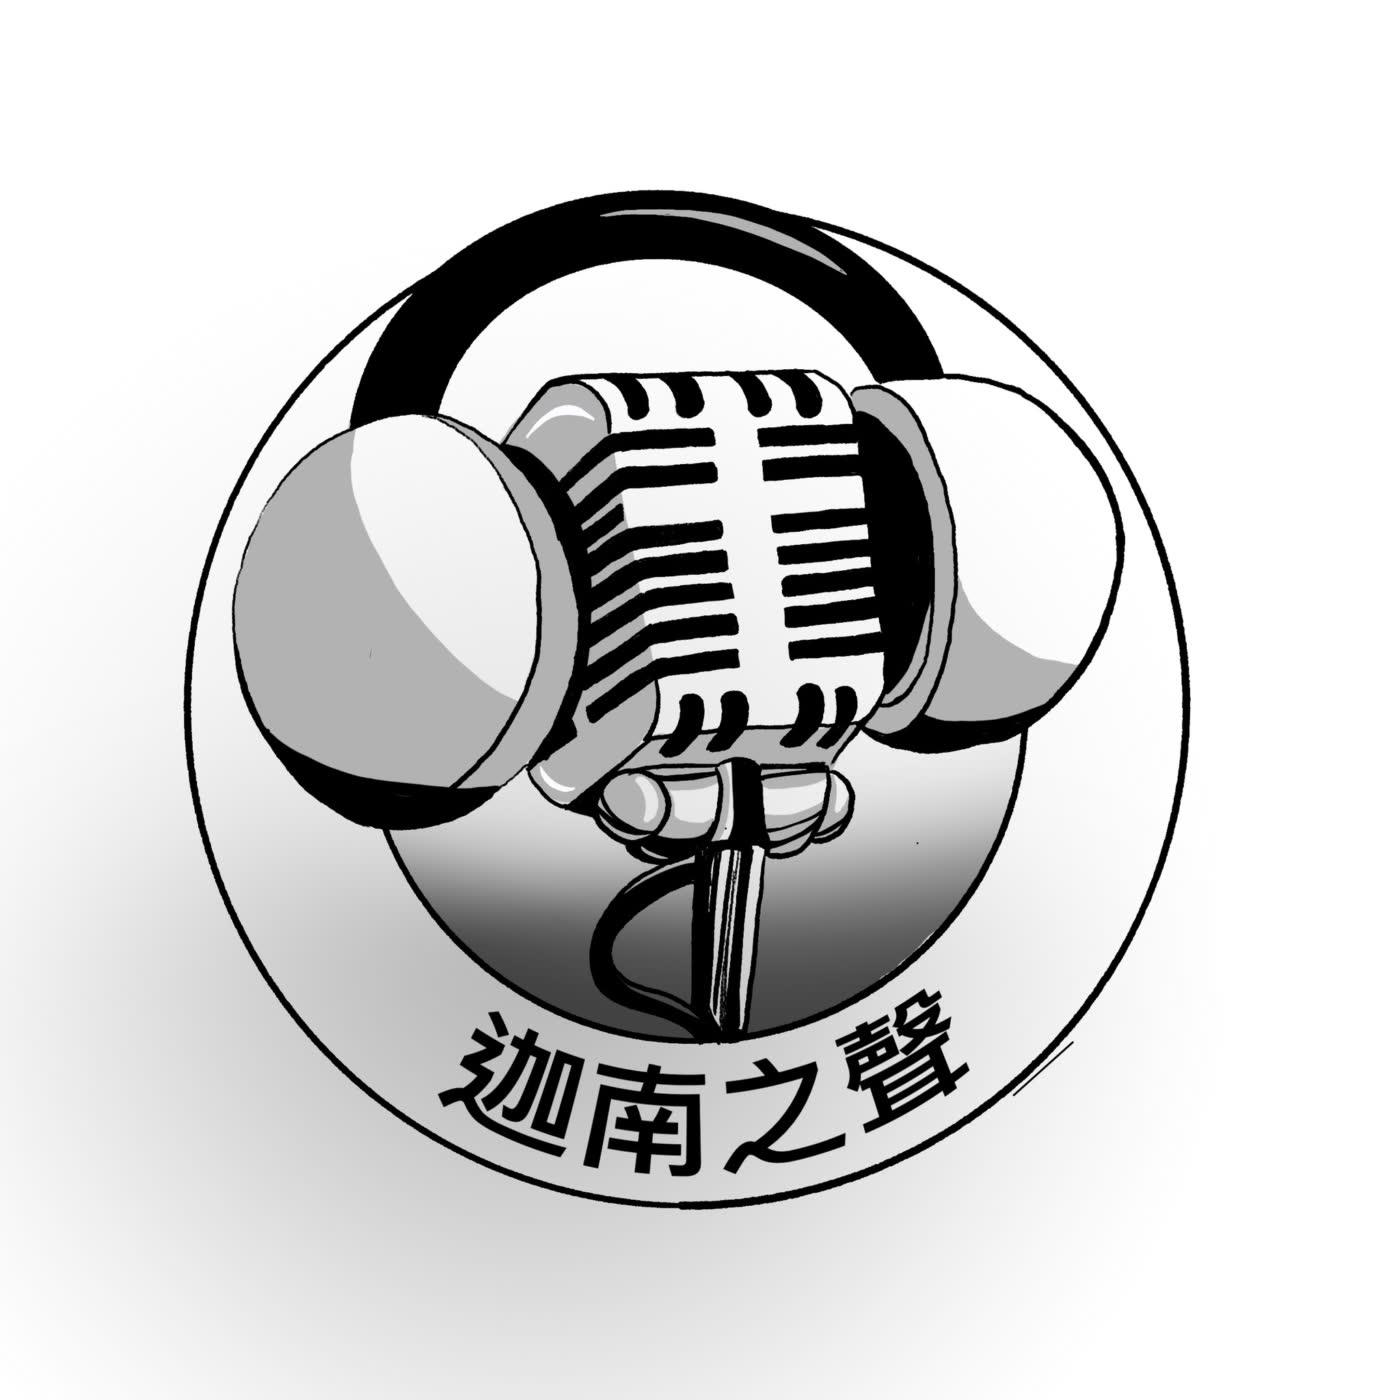 迦南之聲 Ep.1【世界因罪而崩潰】